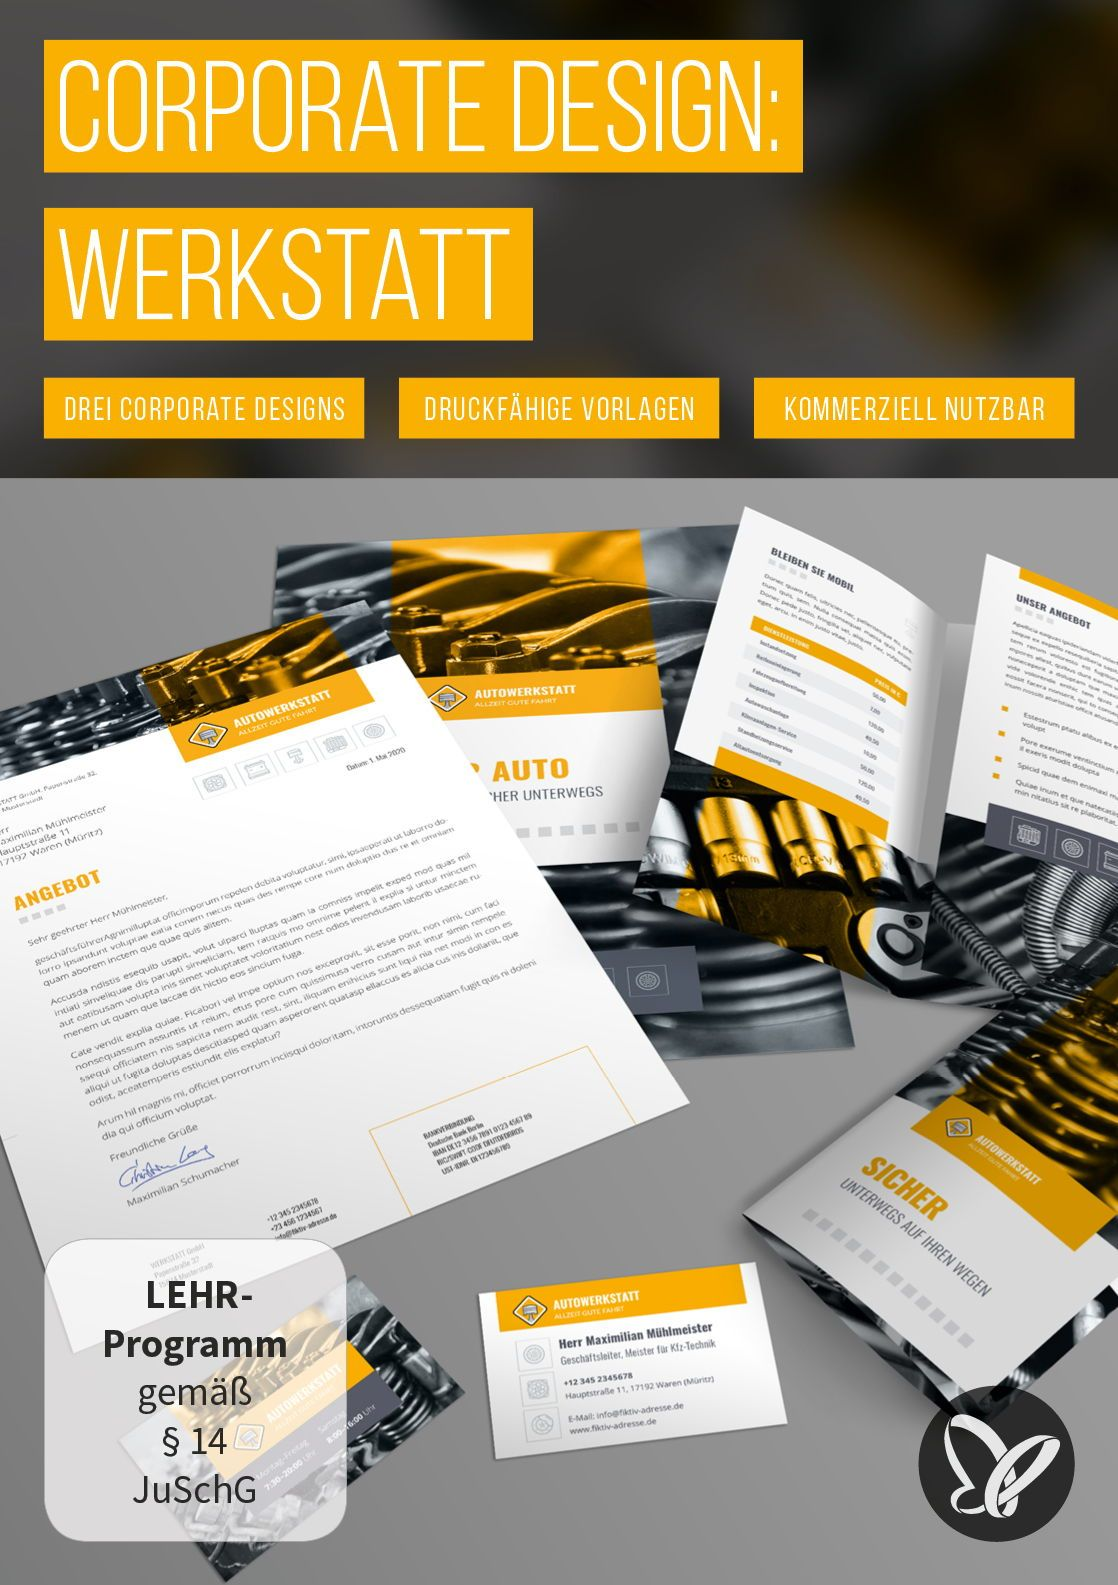 Corporate Design Vorlage Für Werkstatt U A Mit Powerpoint